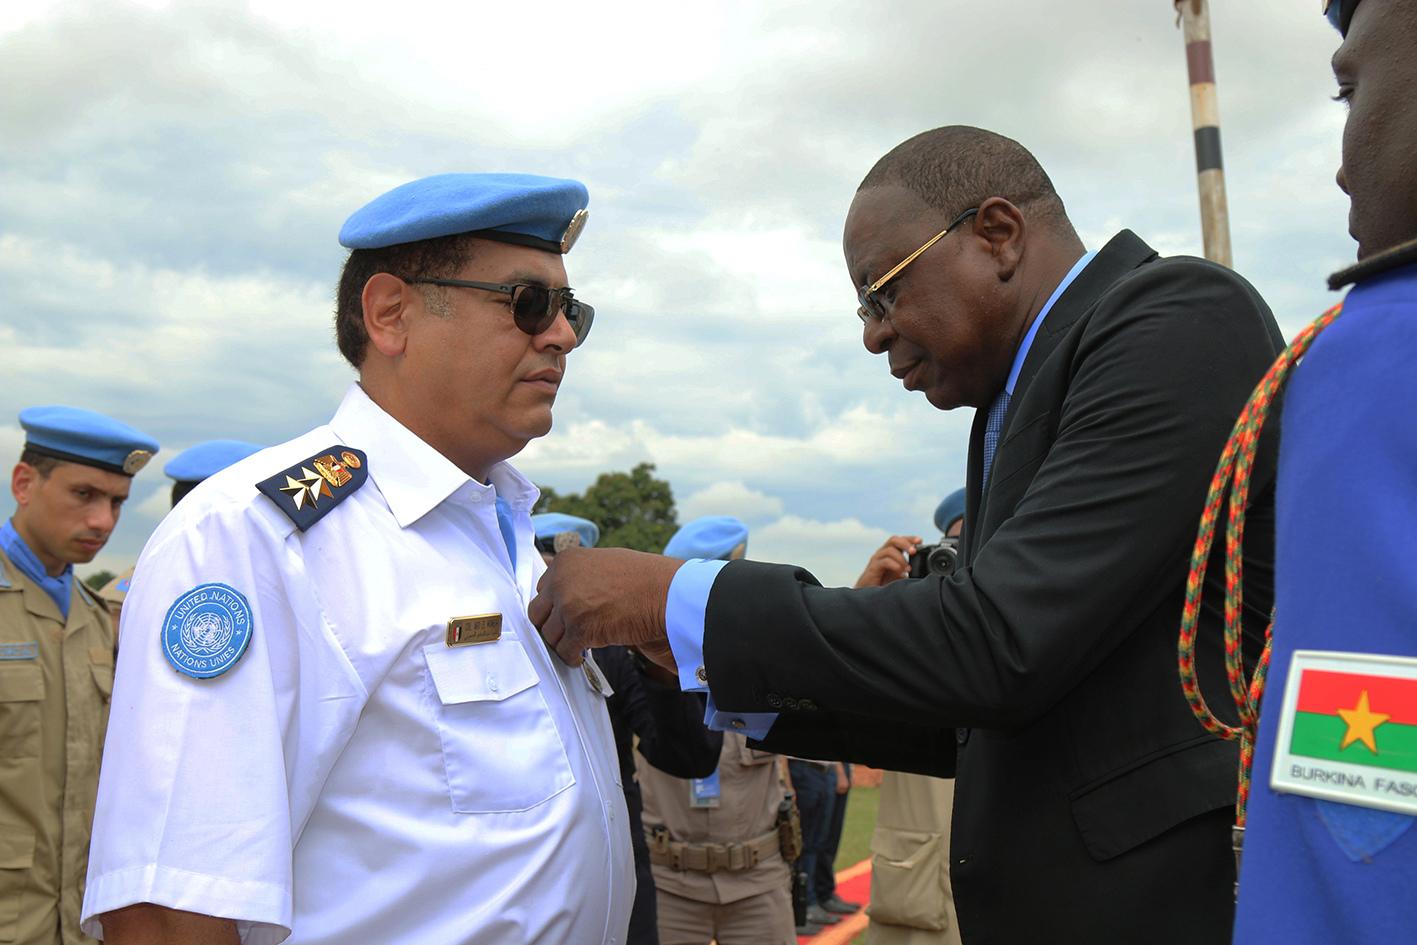 Intervention militaire en Centrafrique - Opération Sangaris - Page 2 _12f39